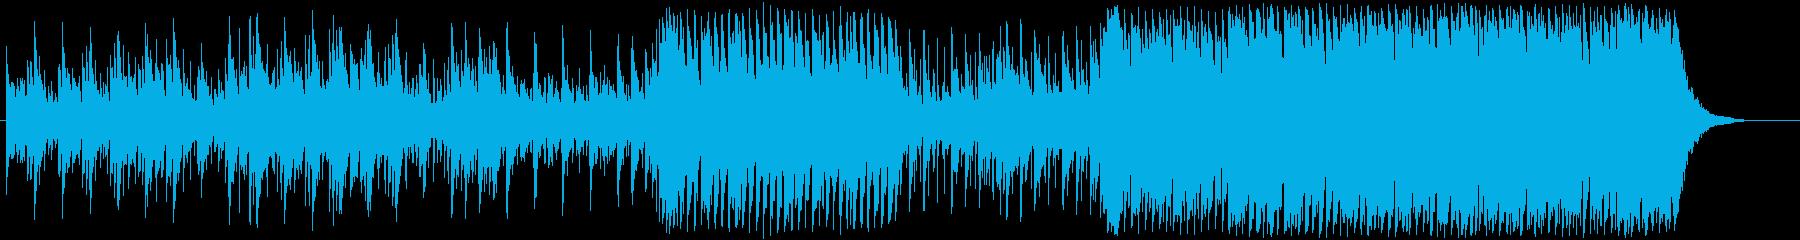 海のイメージの再生済みの波形